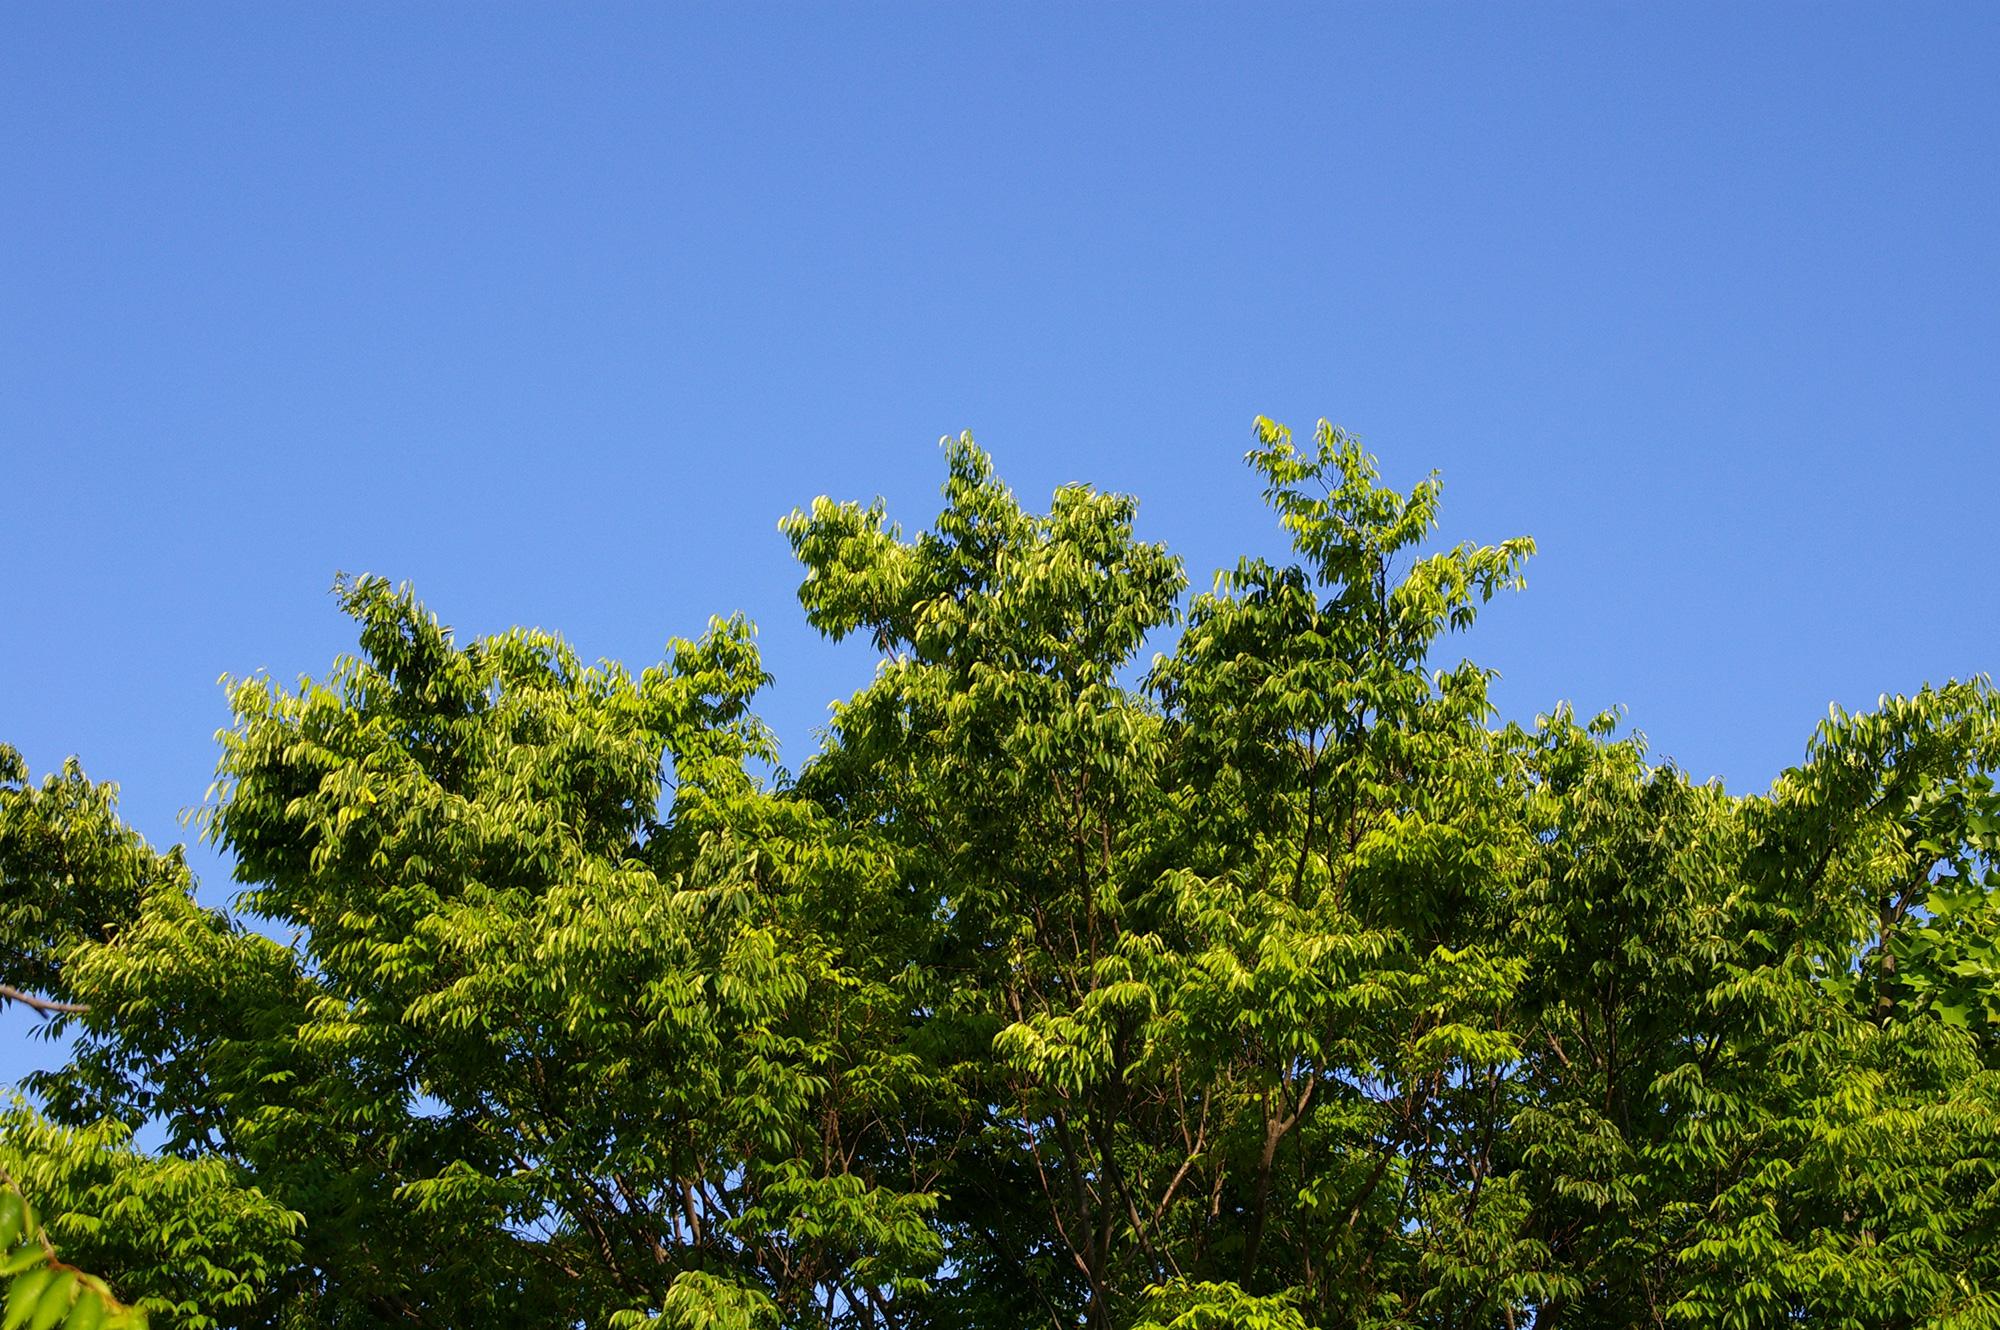 木々と青空のフリー写真素材